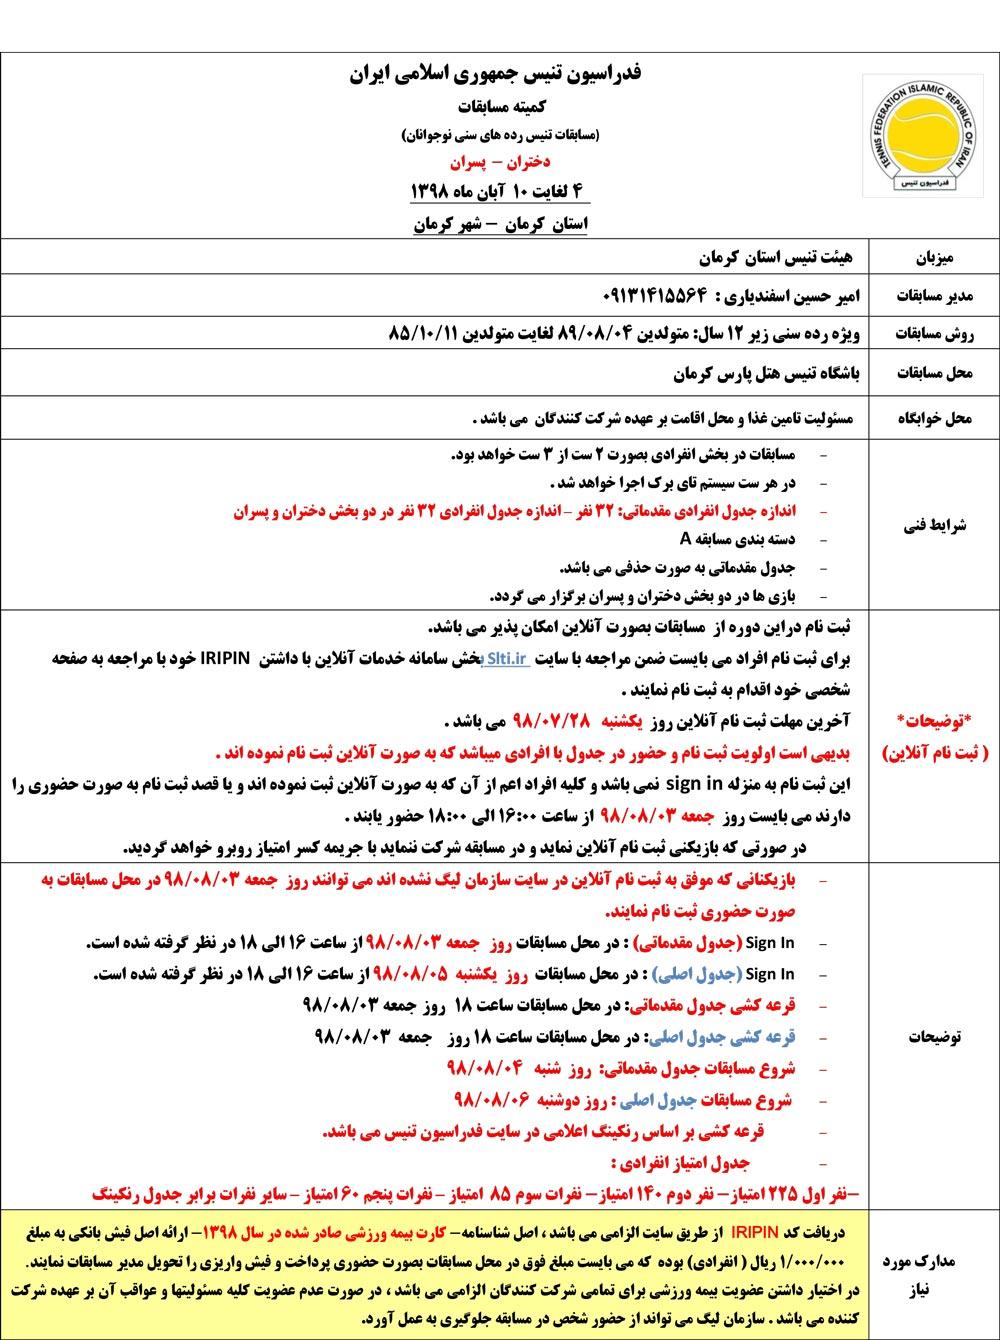 مسابقات تنیس رده های سنی کرمان